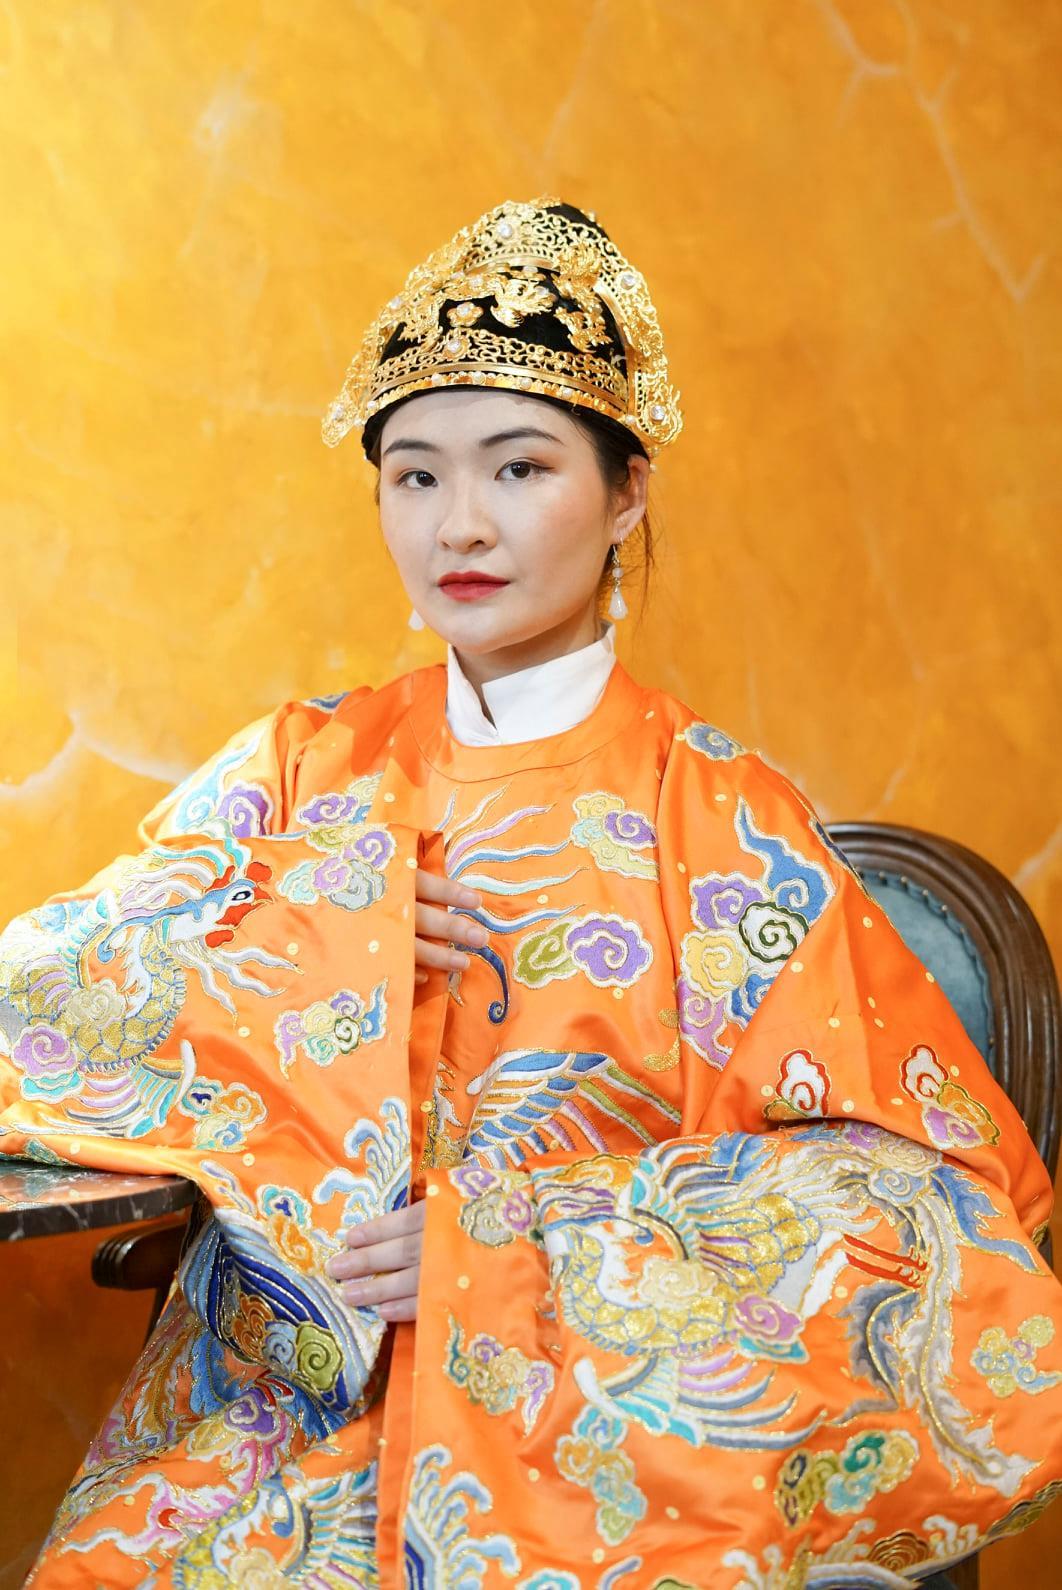 Cổ phục Việt lưu giữ tinh hoa văn hóa dân tộc - Ảnh 3.